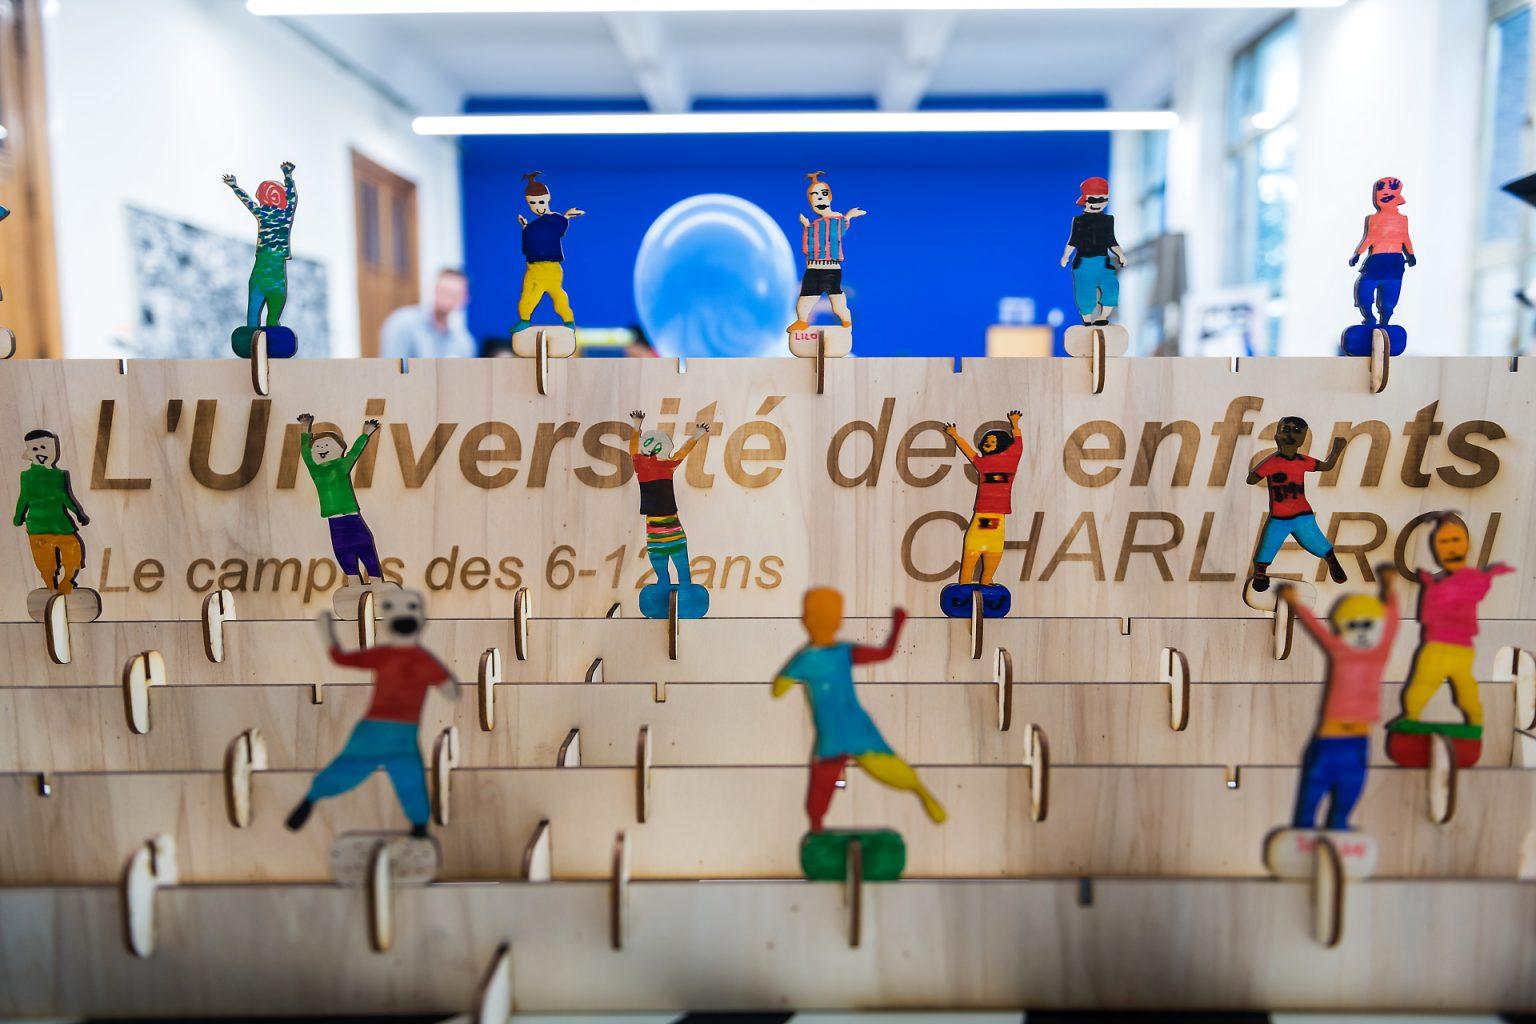 Panneau décoré par les enfants lors de l'ouverture de l'Université des Enfants de Charleroi. Reportage photographique de l'événement par Aurore Delsoir photographe événementiel